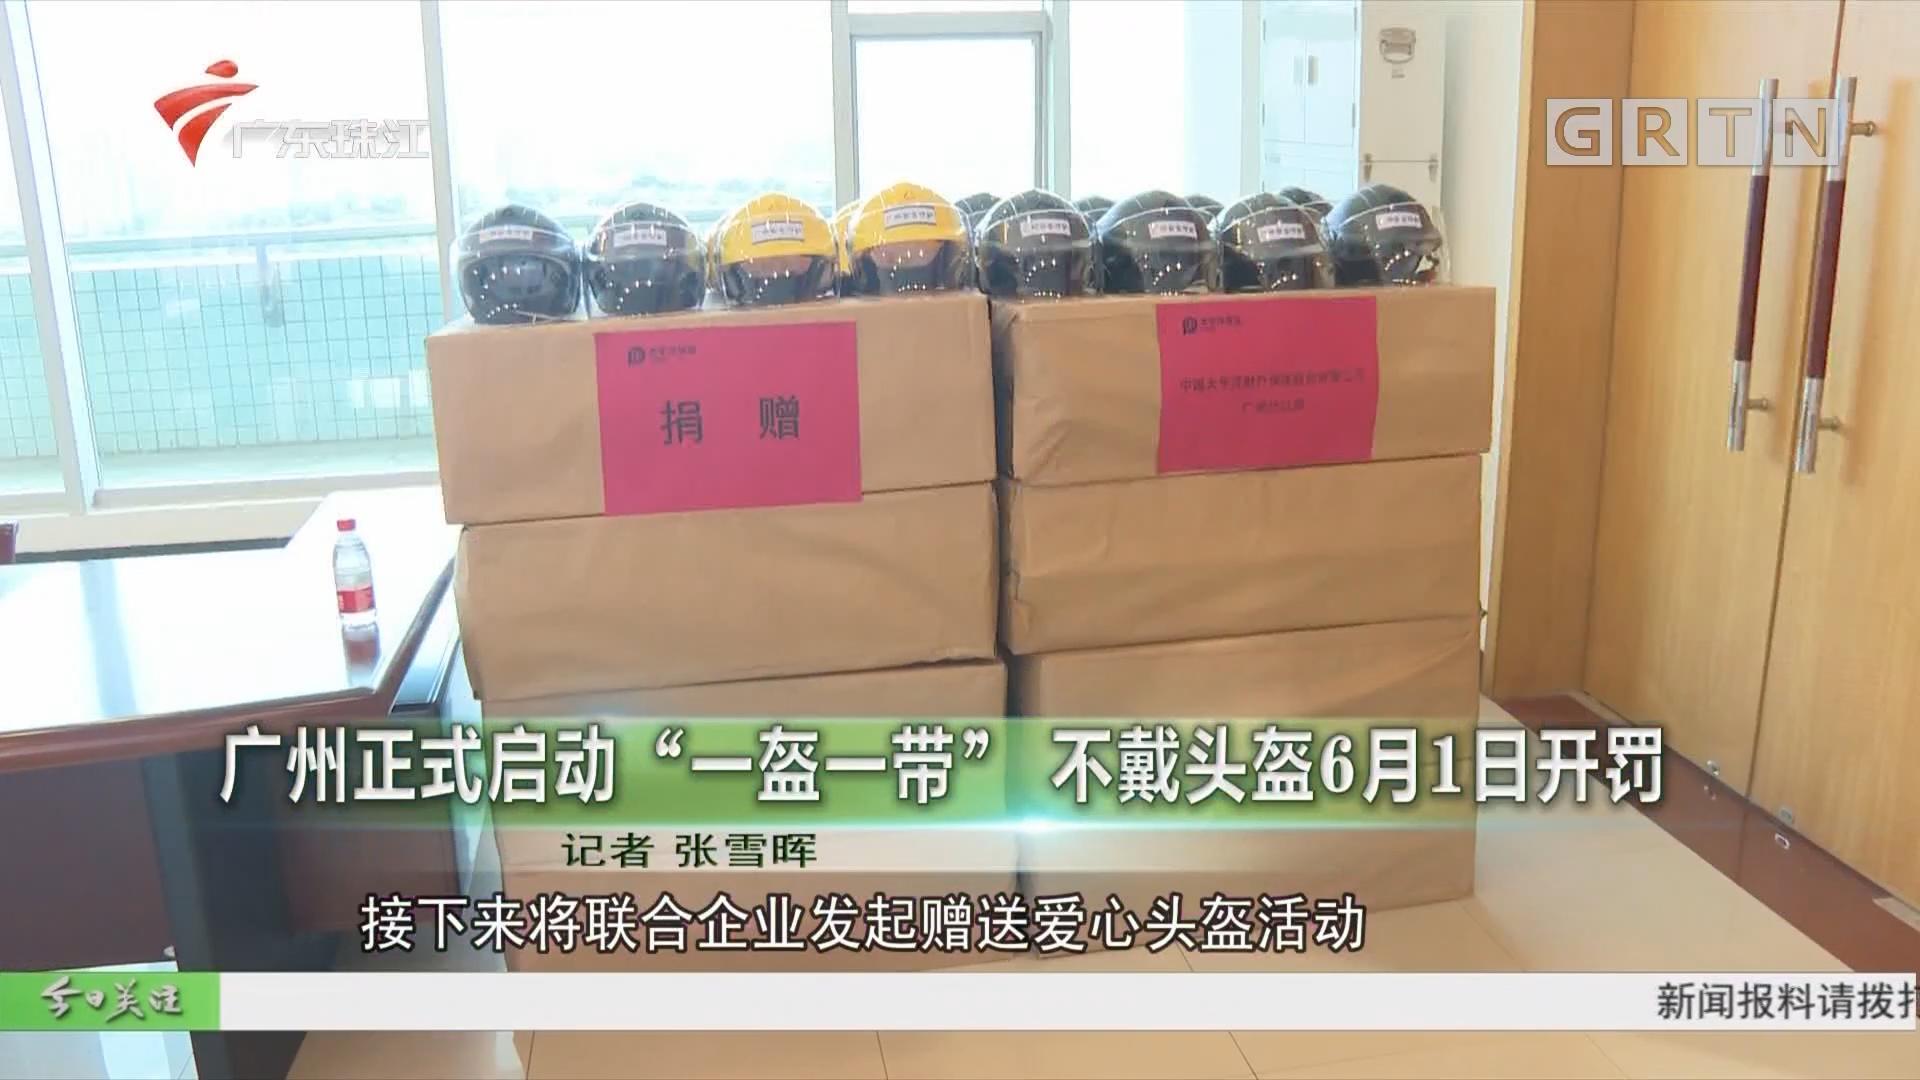 """广州正式启动""""一盔一带"""" 不戴头盔6月1日开罚"""